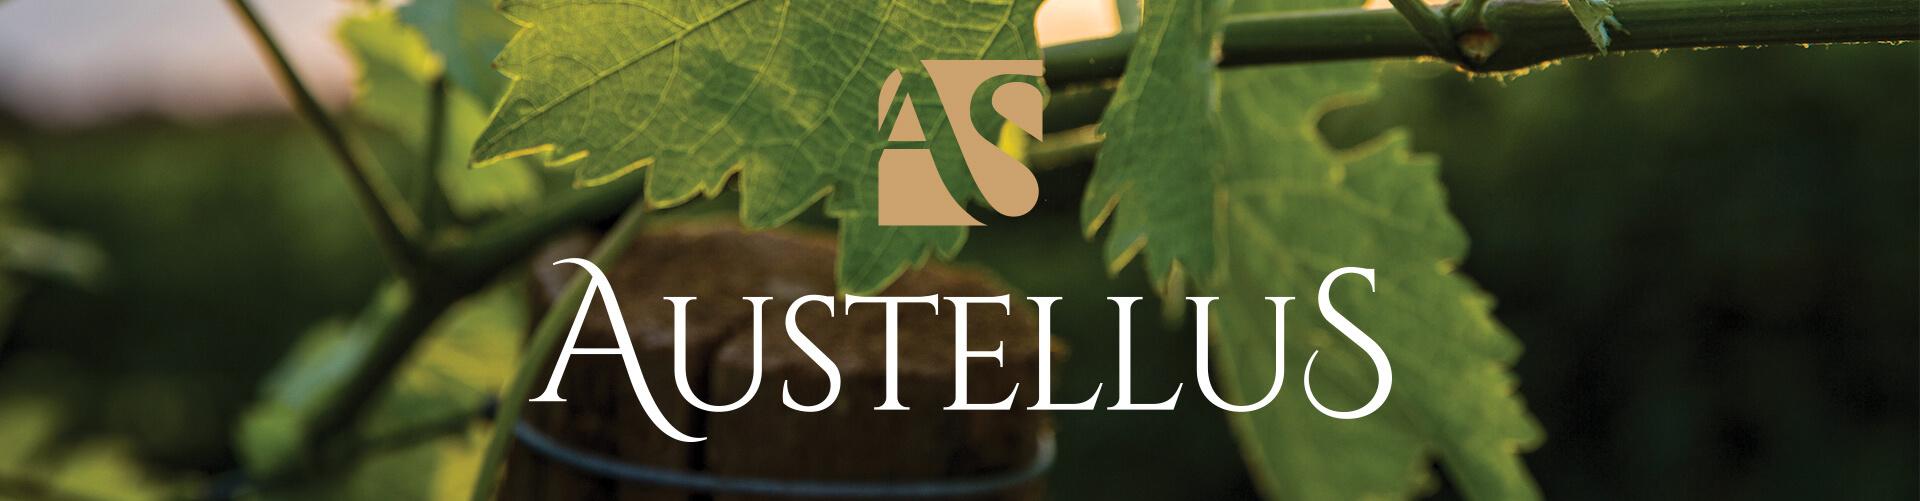 Vin Austellus - IMAGINÉ PAR LE CHEF MANUEL MAURY